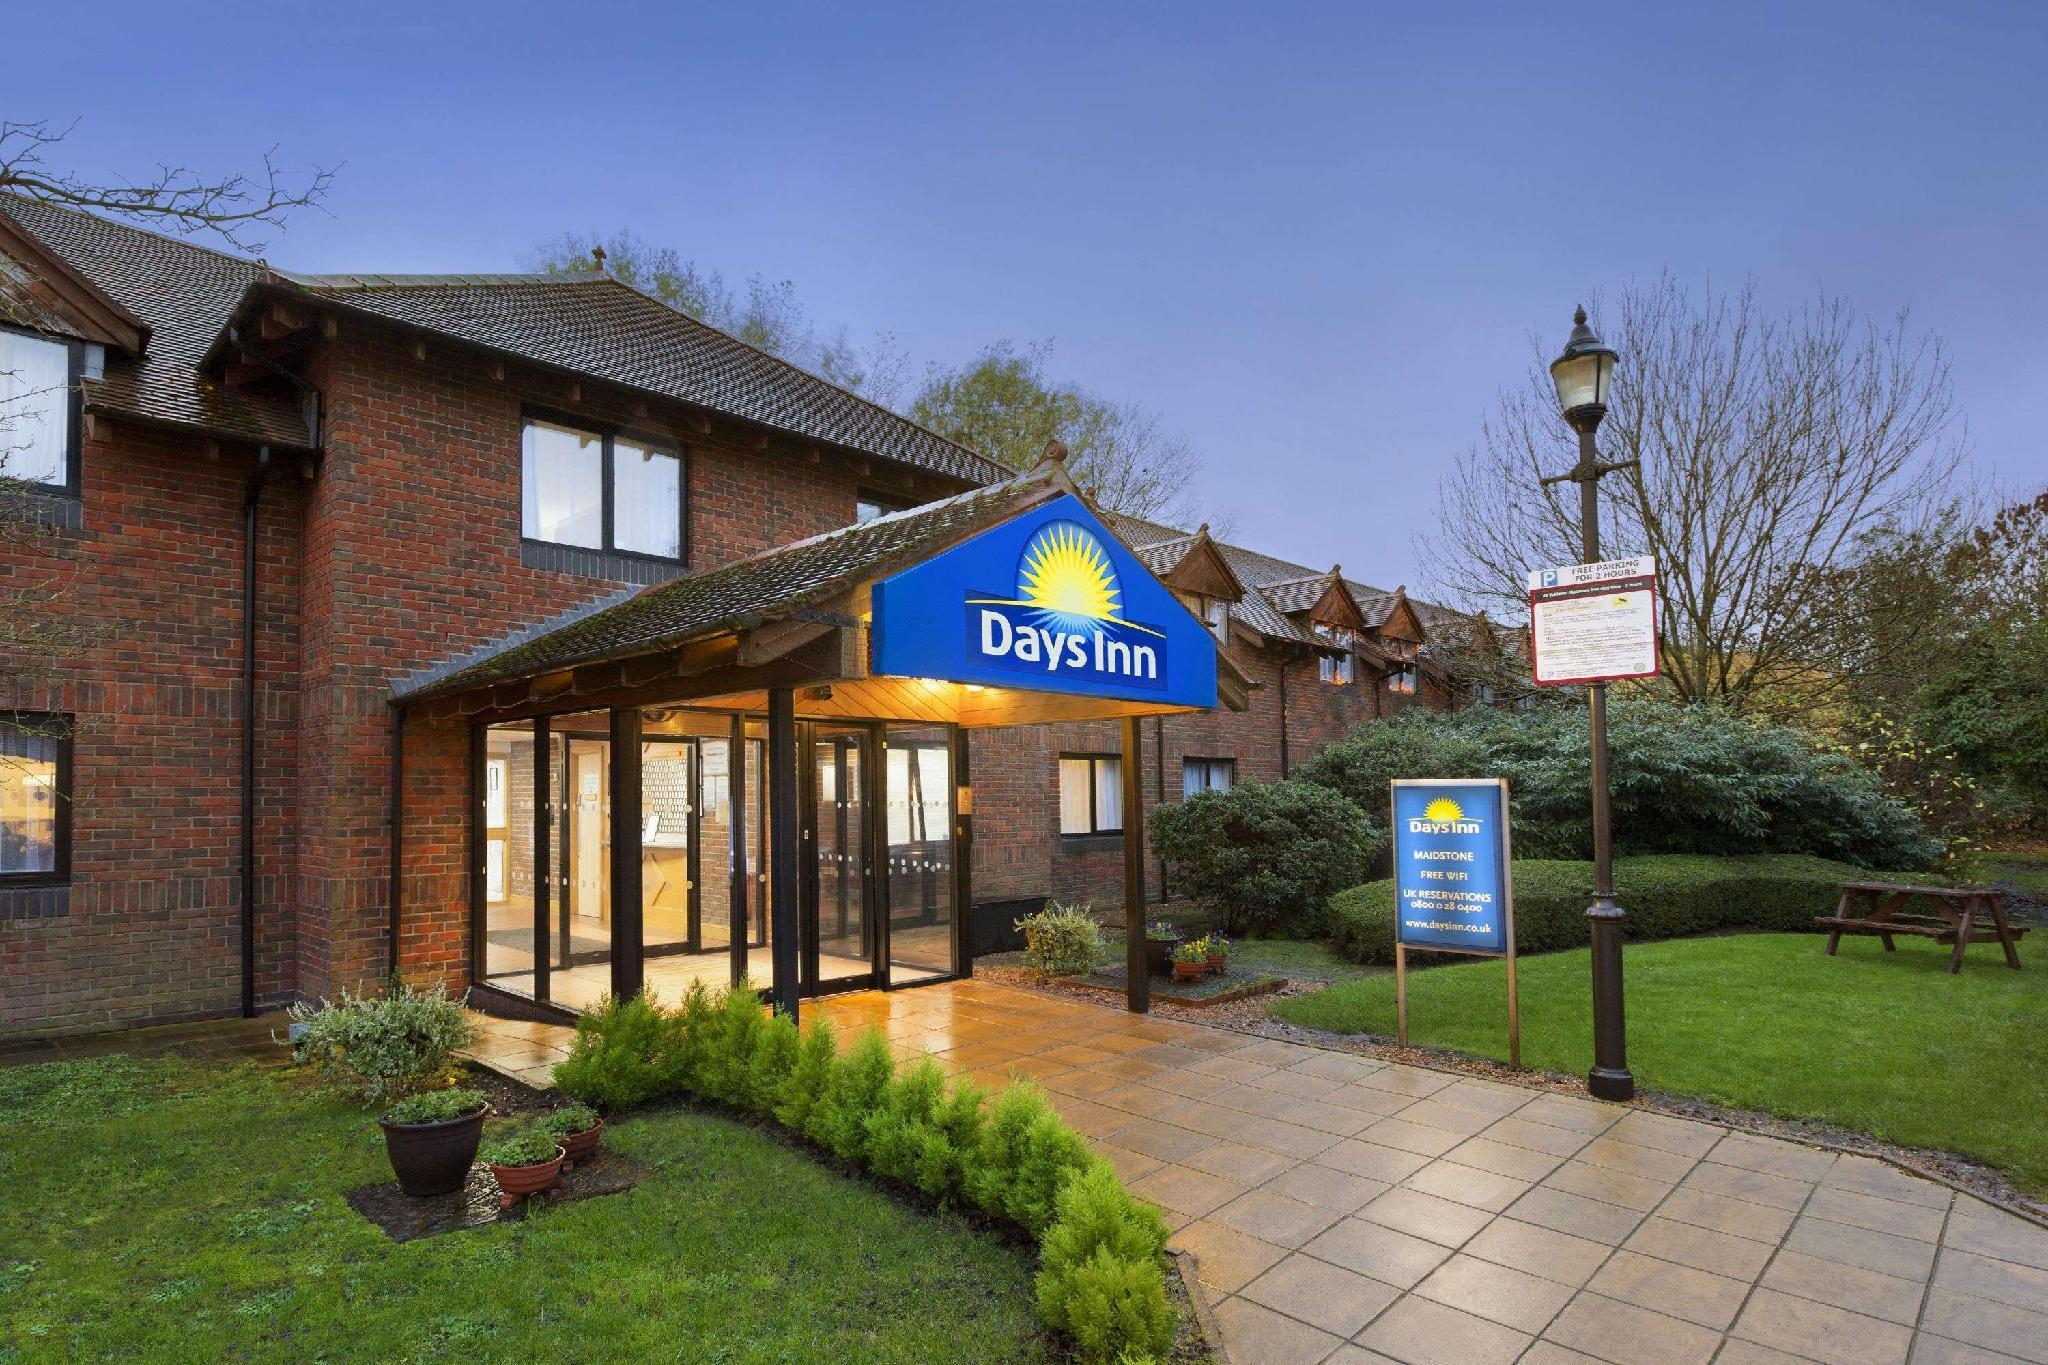 Days Inn by Wyndham Maidstone